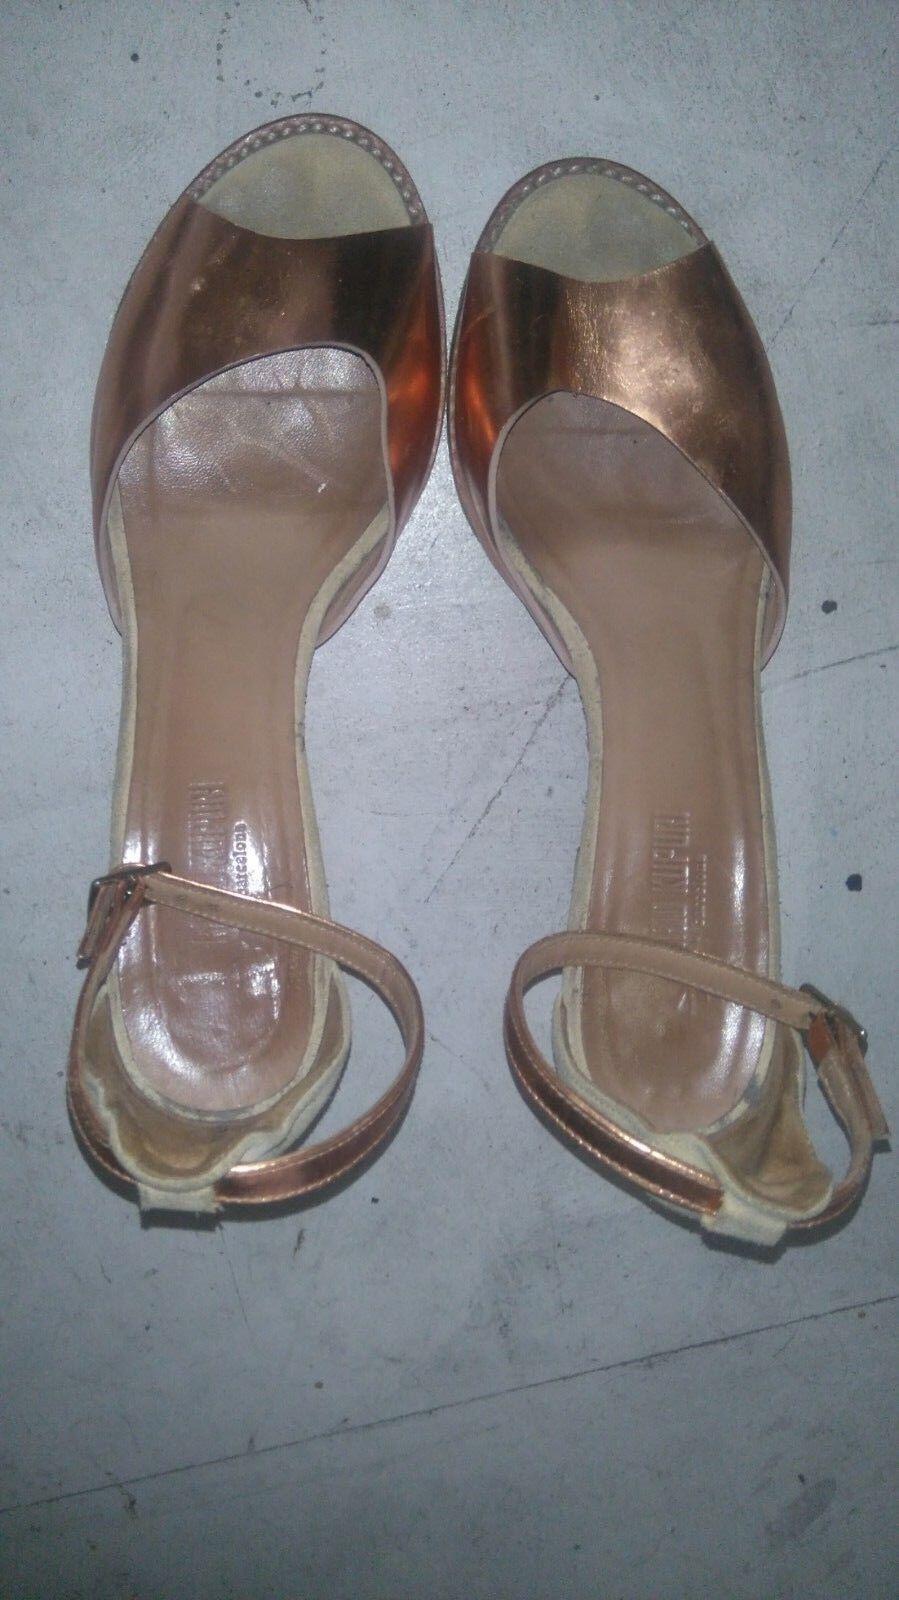 Da Donna ANAID kupri con Tacco Alto Sandali in vernice bronzo Cinturino Alla Caviglia Misura 38 Punta Aperta